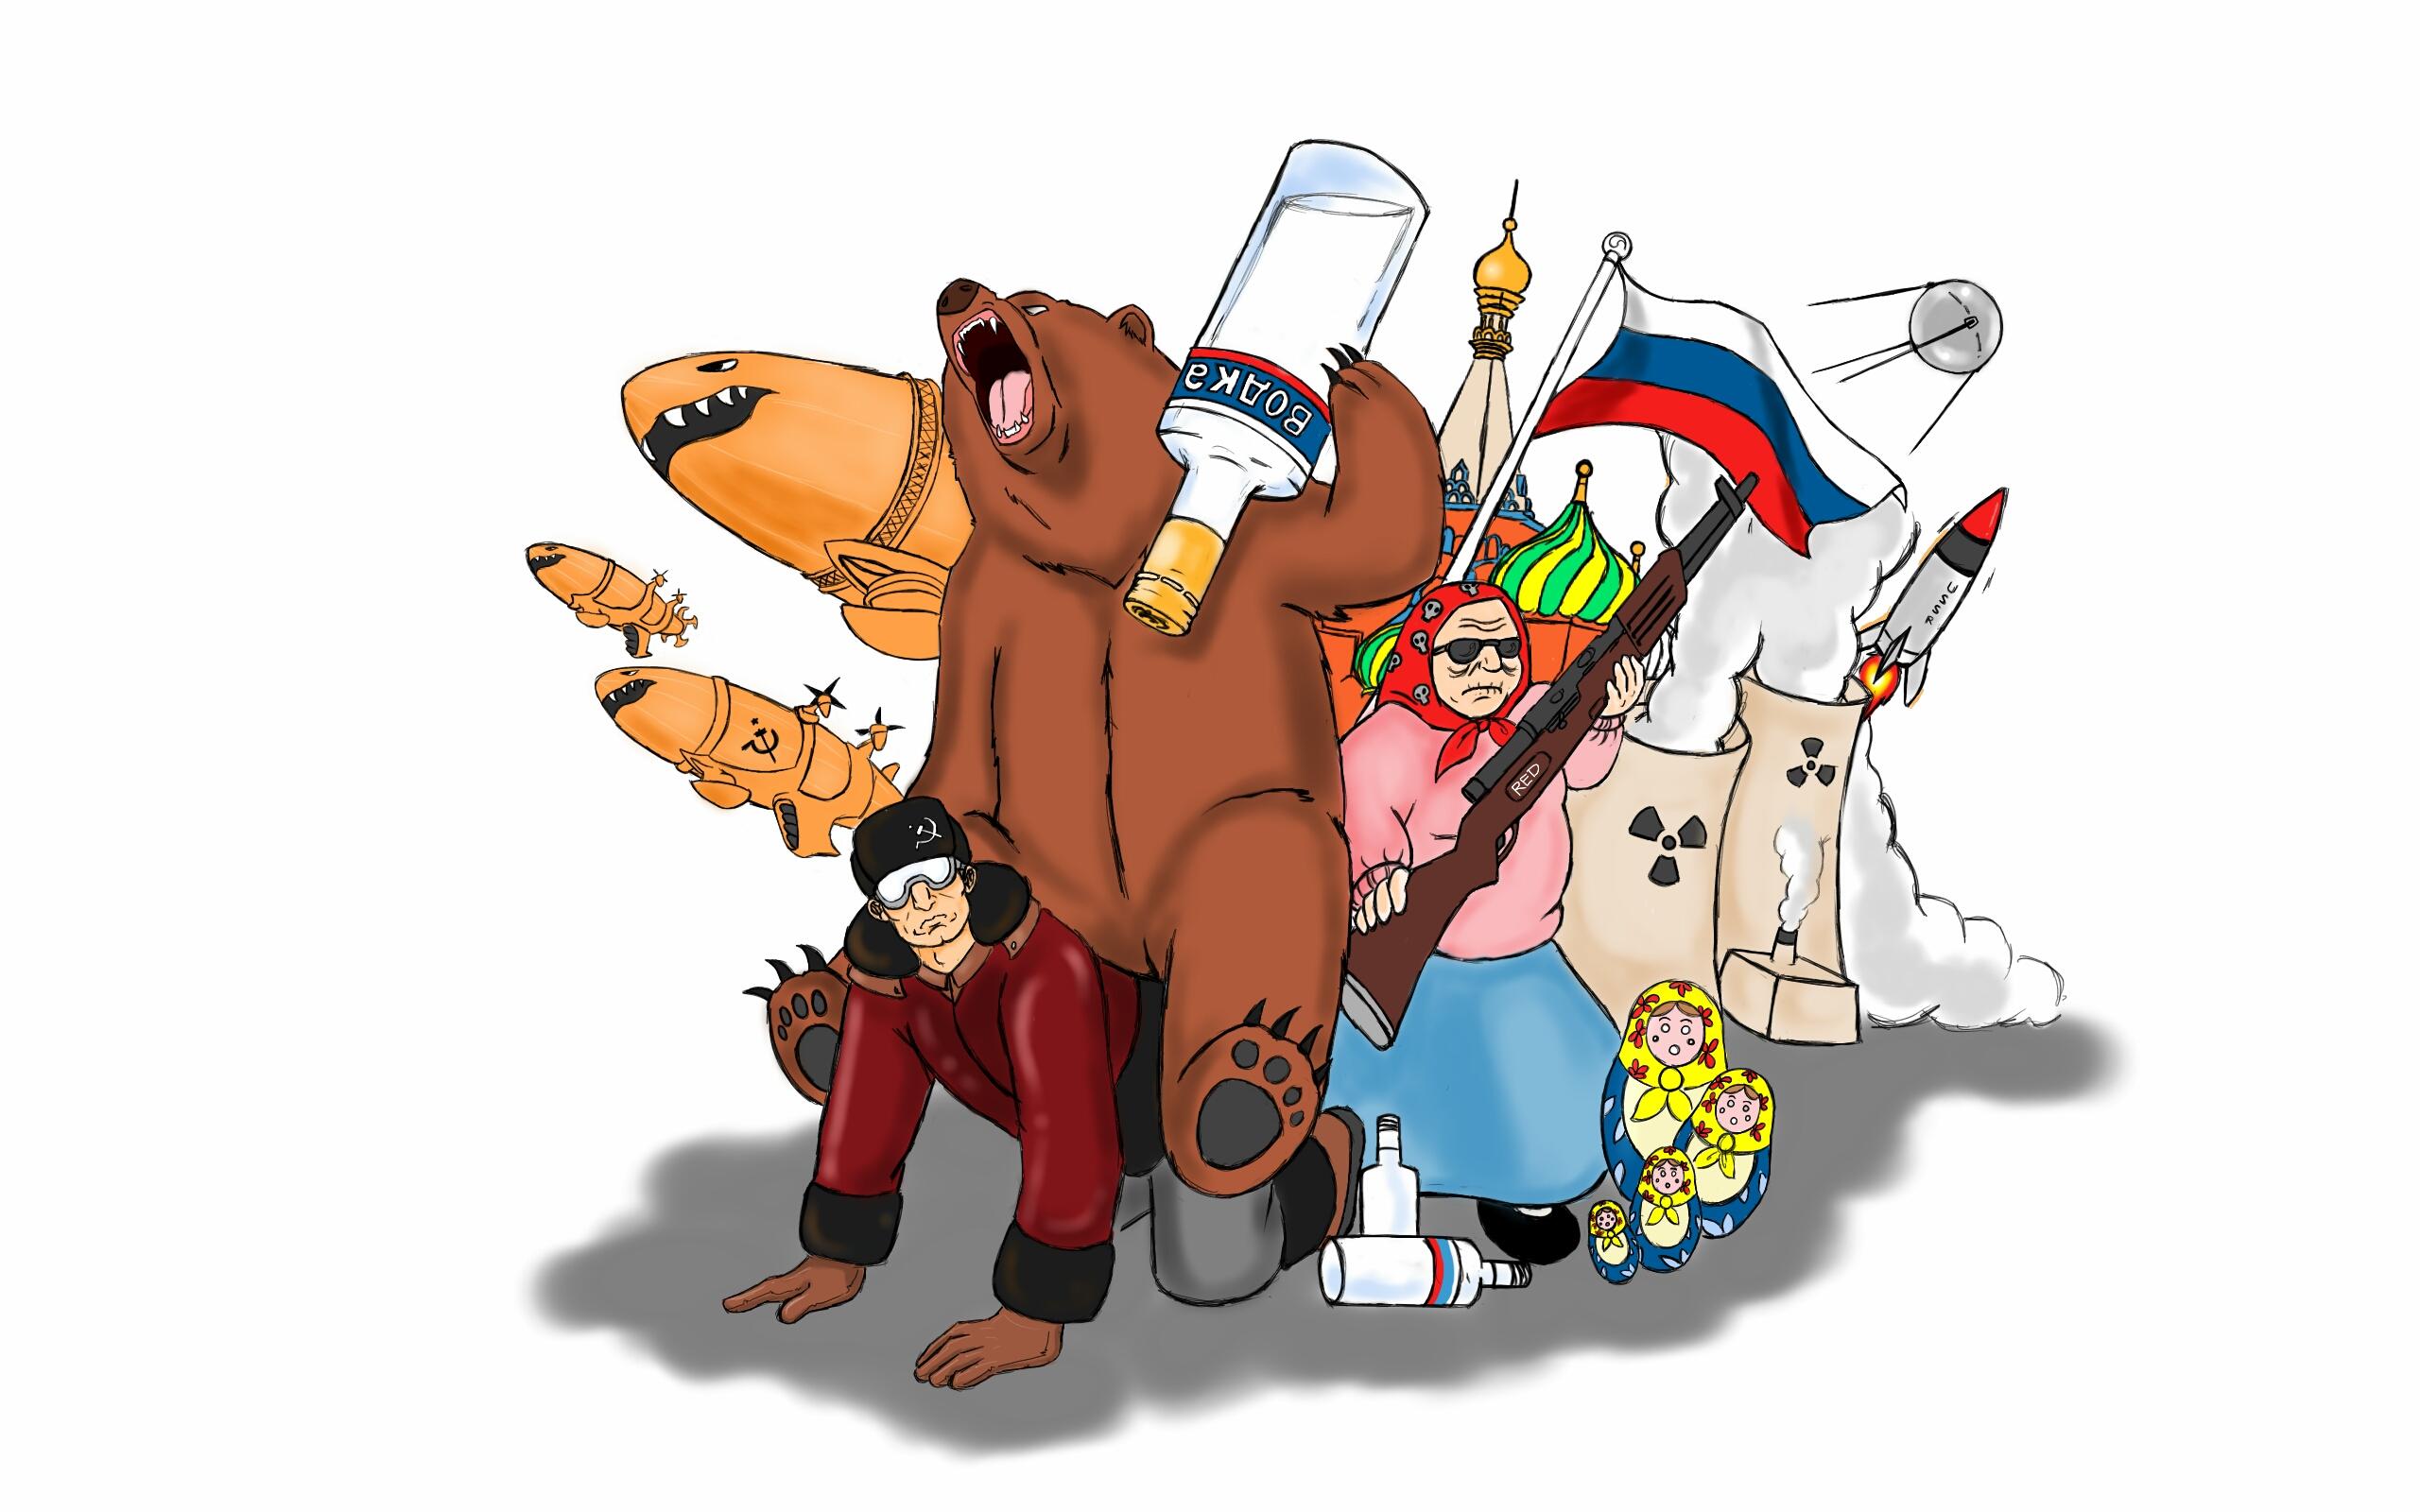 Канал Яндекс-Дзен об автомобильном юморе «Авто и юмор!». Каталог каналов Яндекс-Дзен